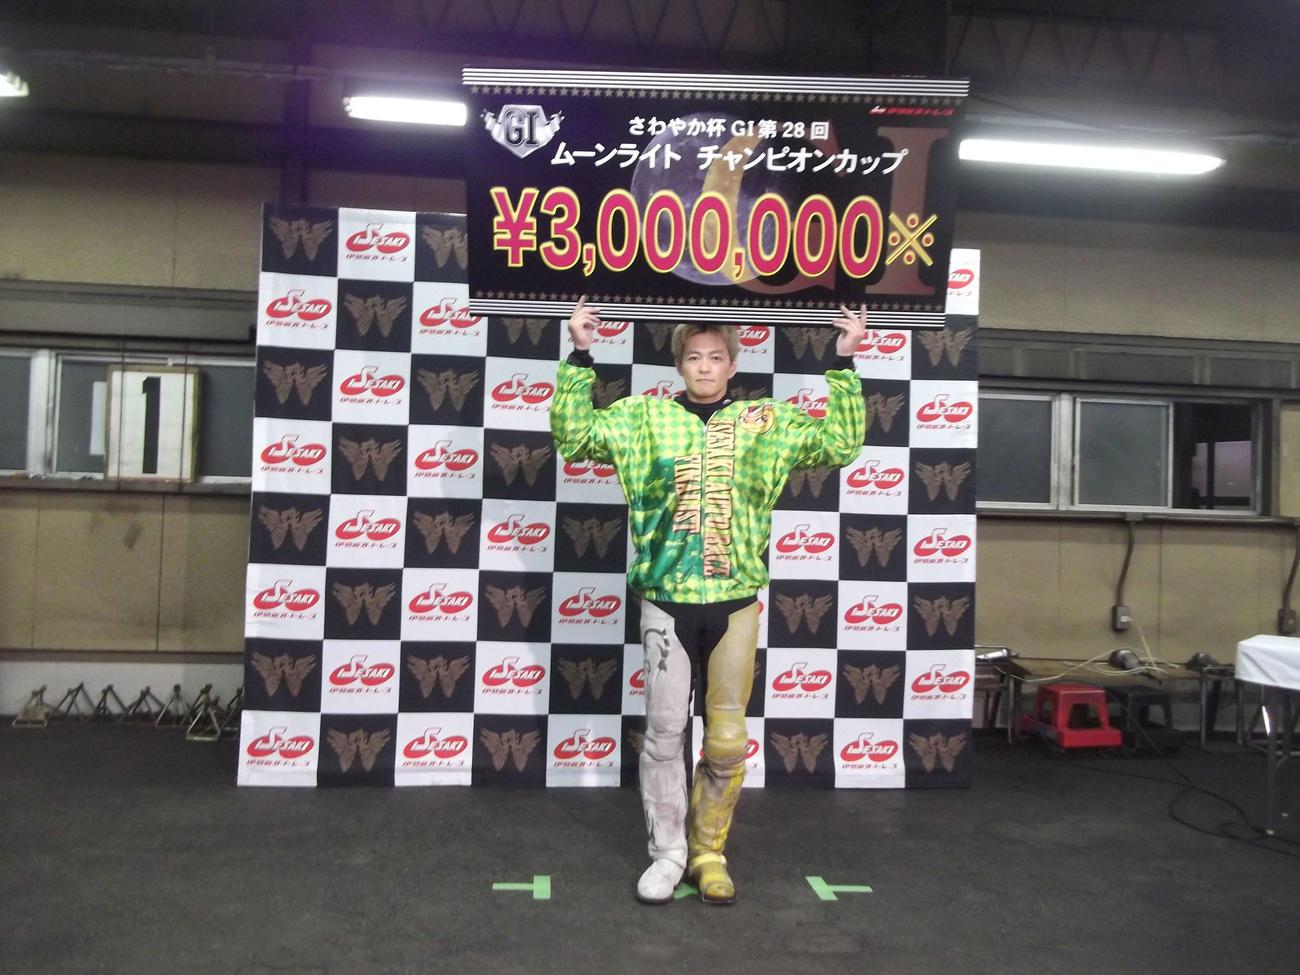 地元の早川清太郎が大会5度目の優勝を飾った